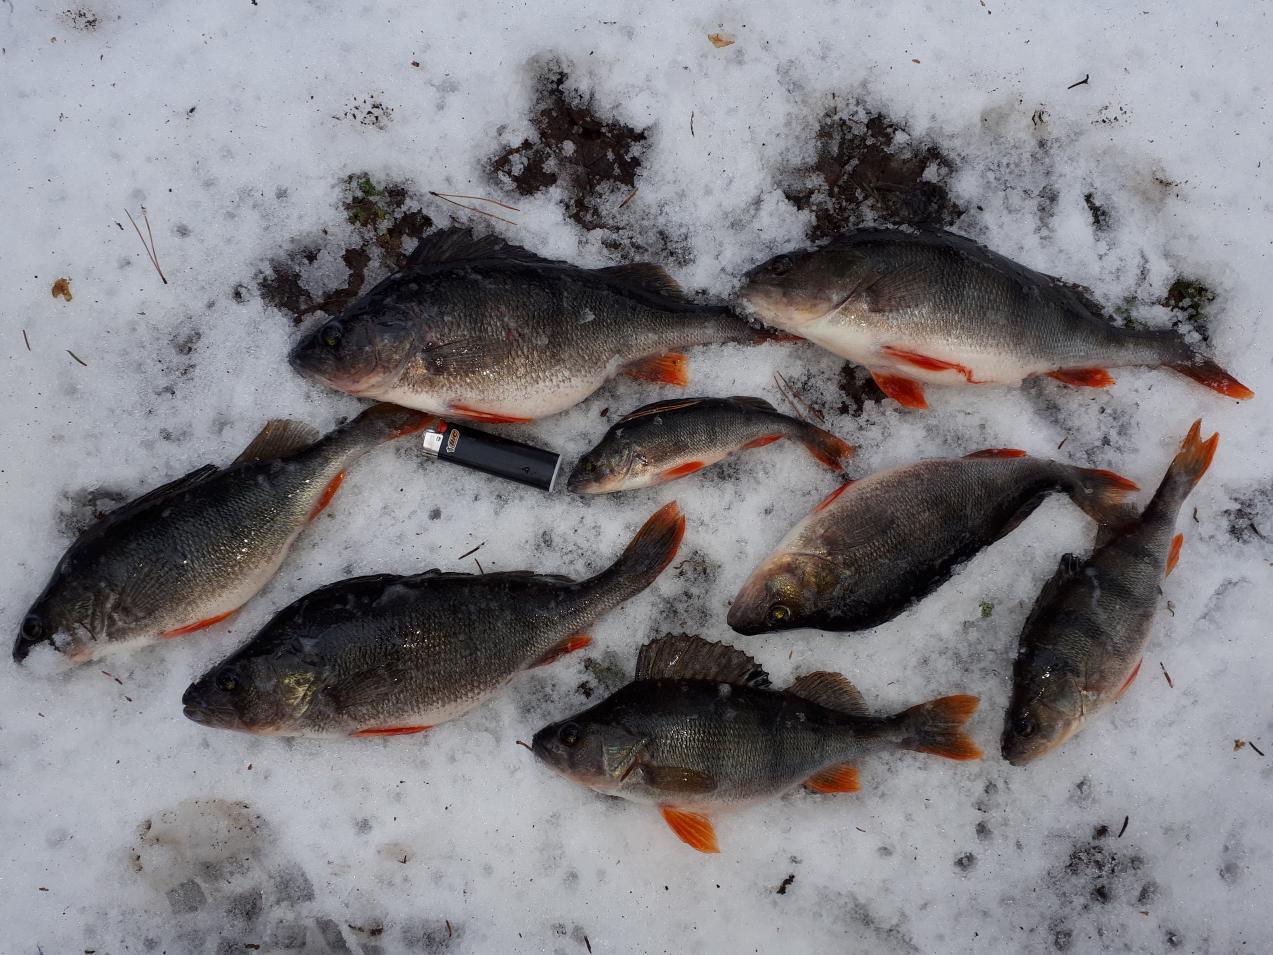 Снова вчера посетили сей водоем, погода с утра ... | Отчеты о рыбалке в Беларуси